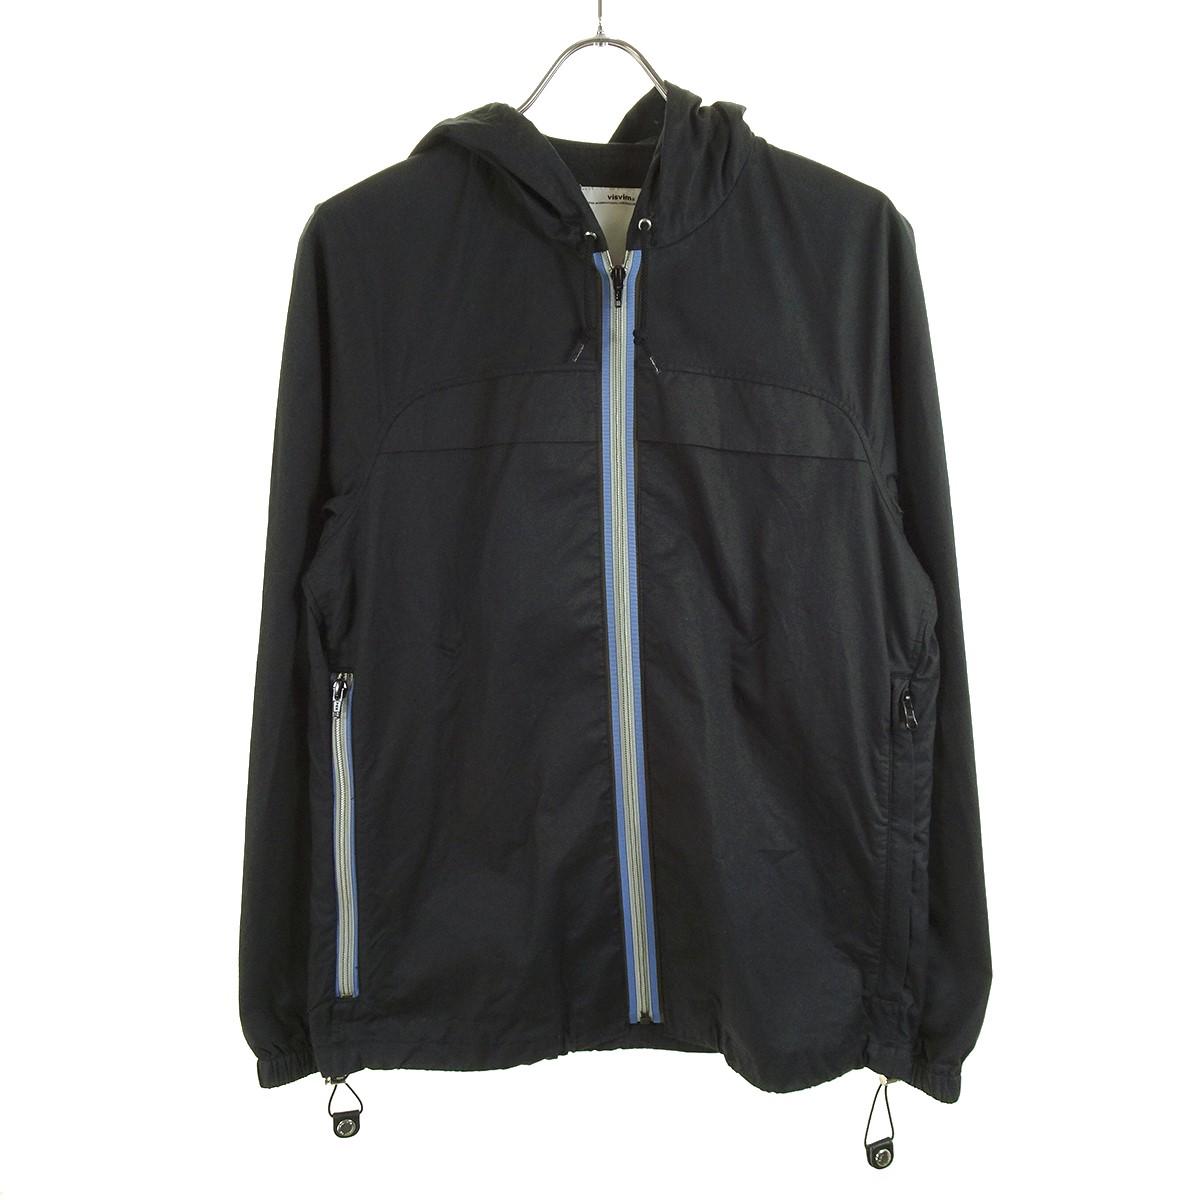 【中古】VISVIM904 HOODIE フーデットジャケット ブラック サイズ:S 【5月11日見直し】